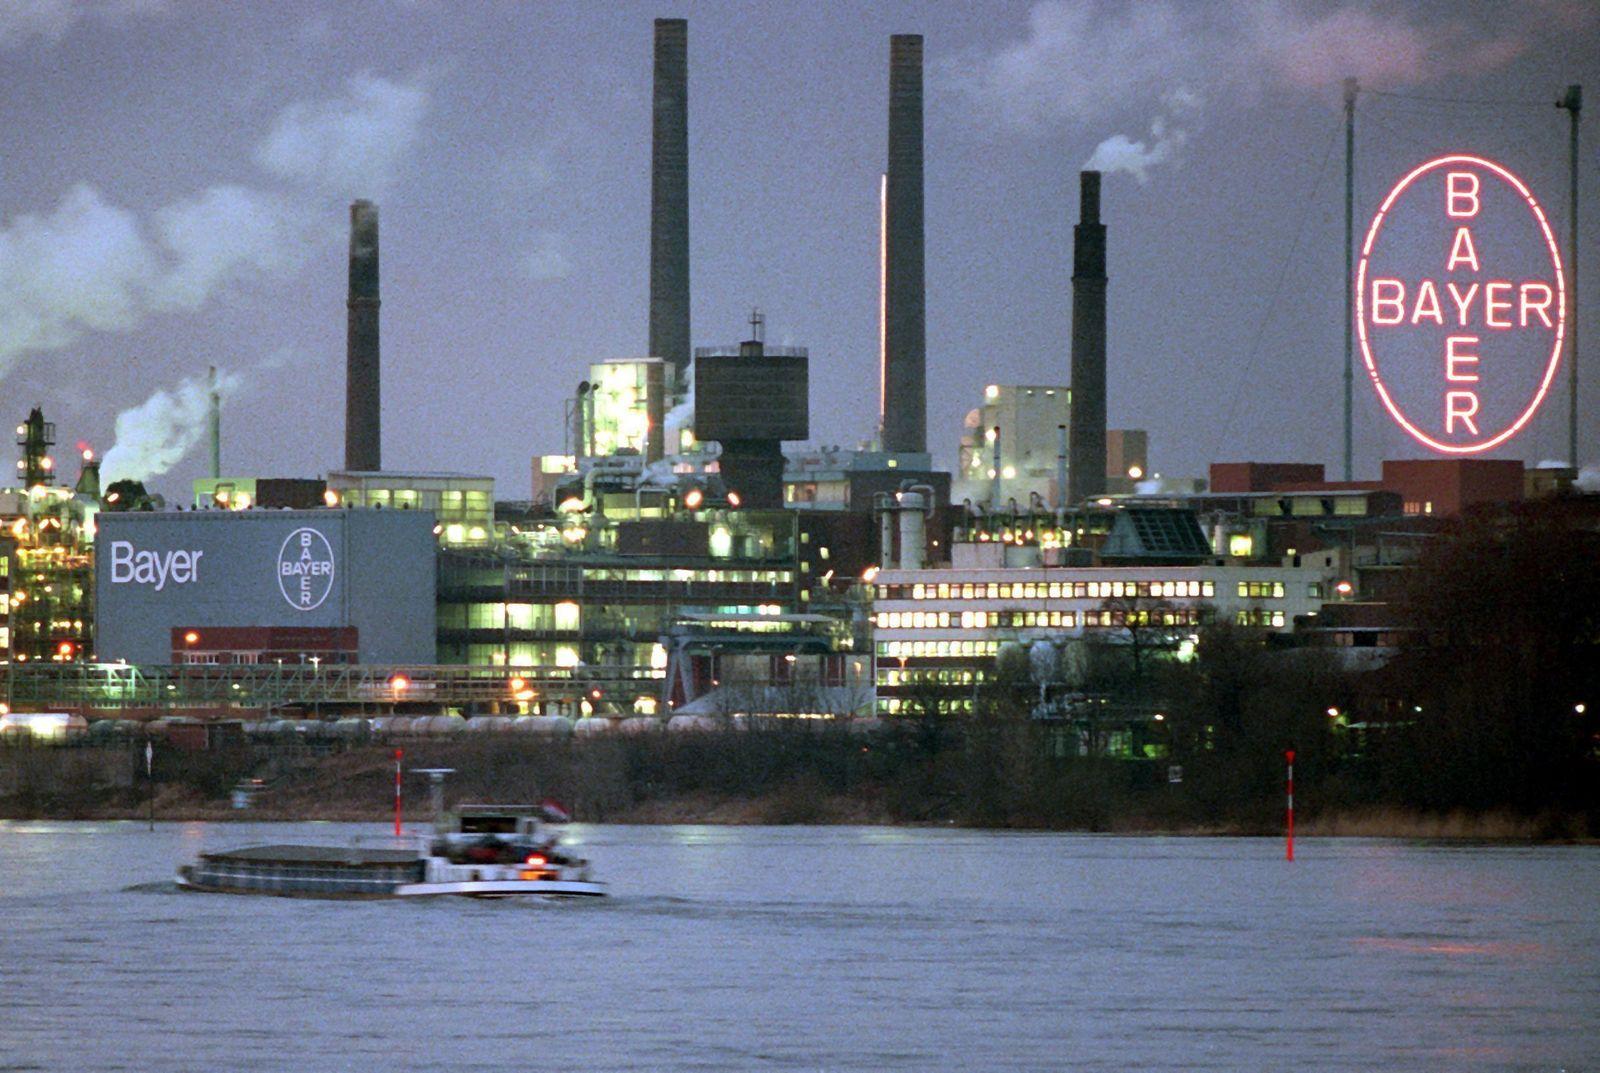 Bayer Werk am Rhein